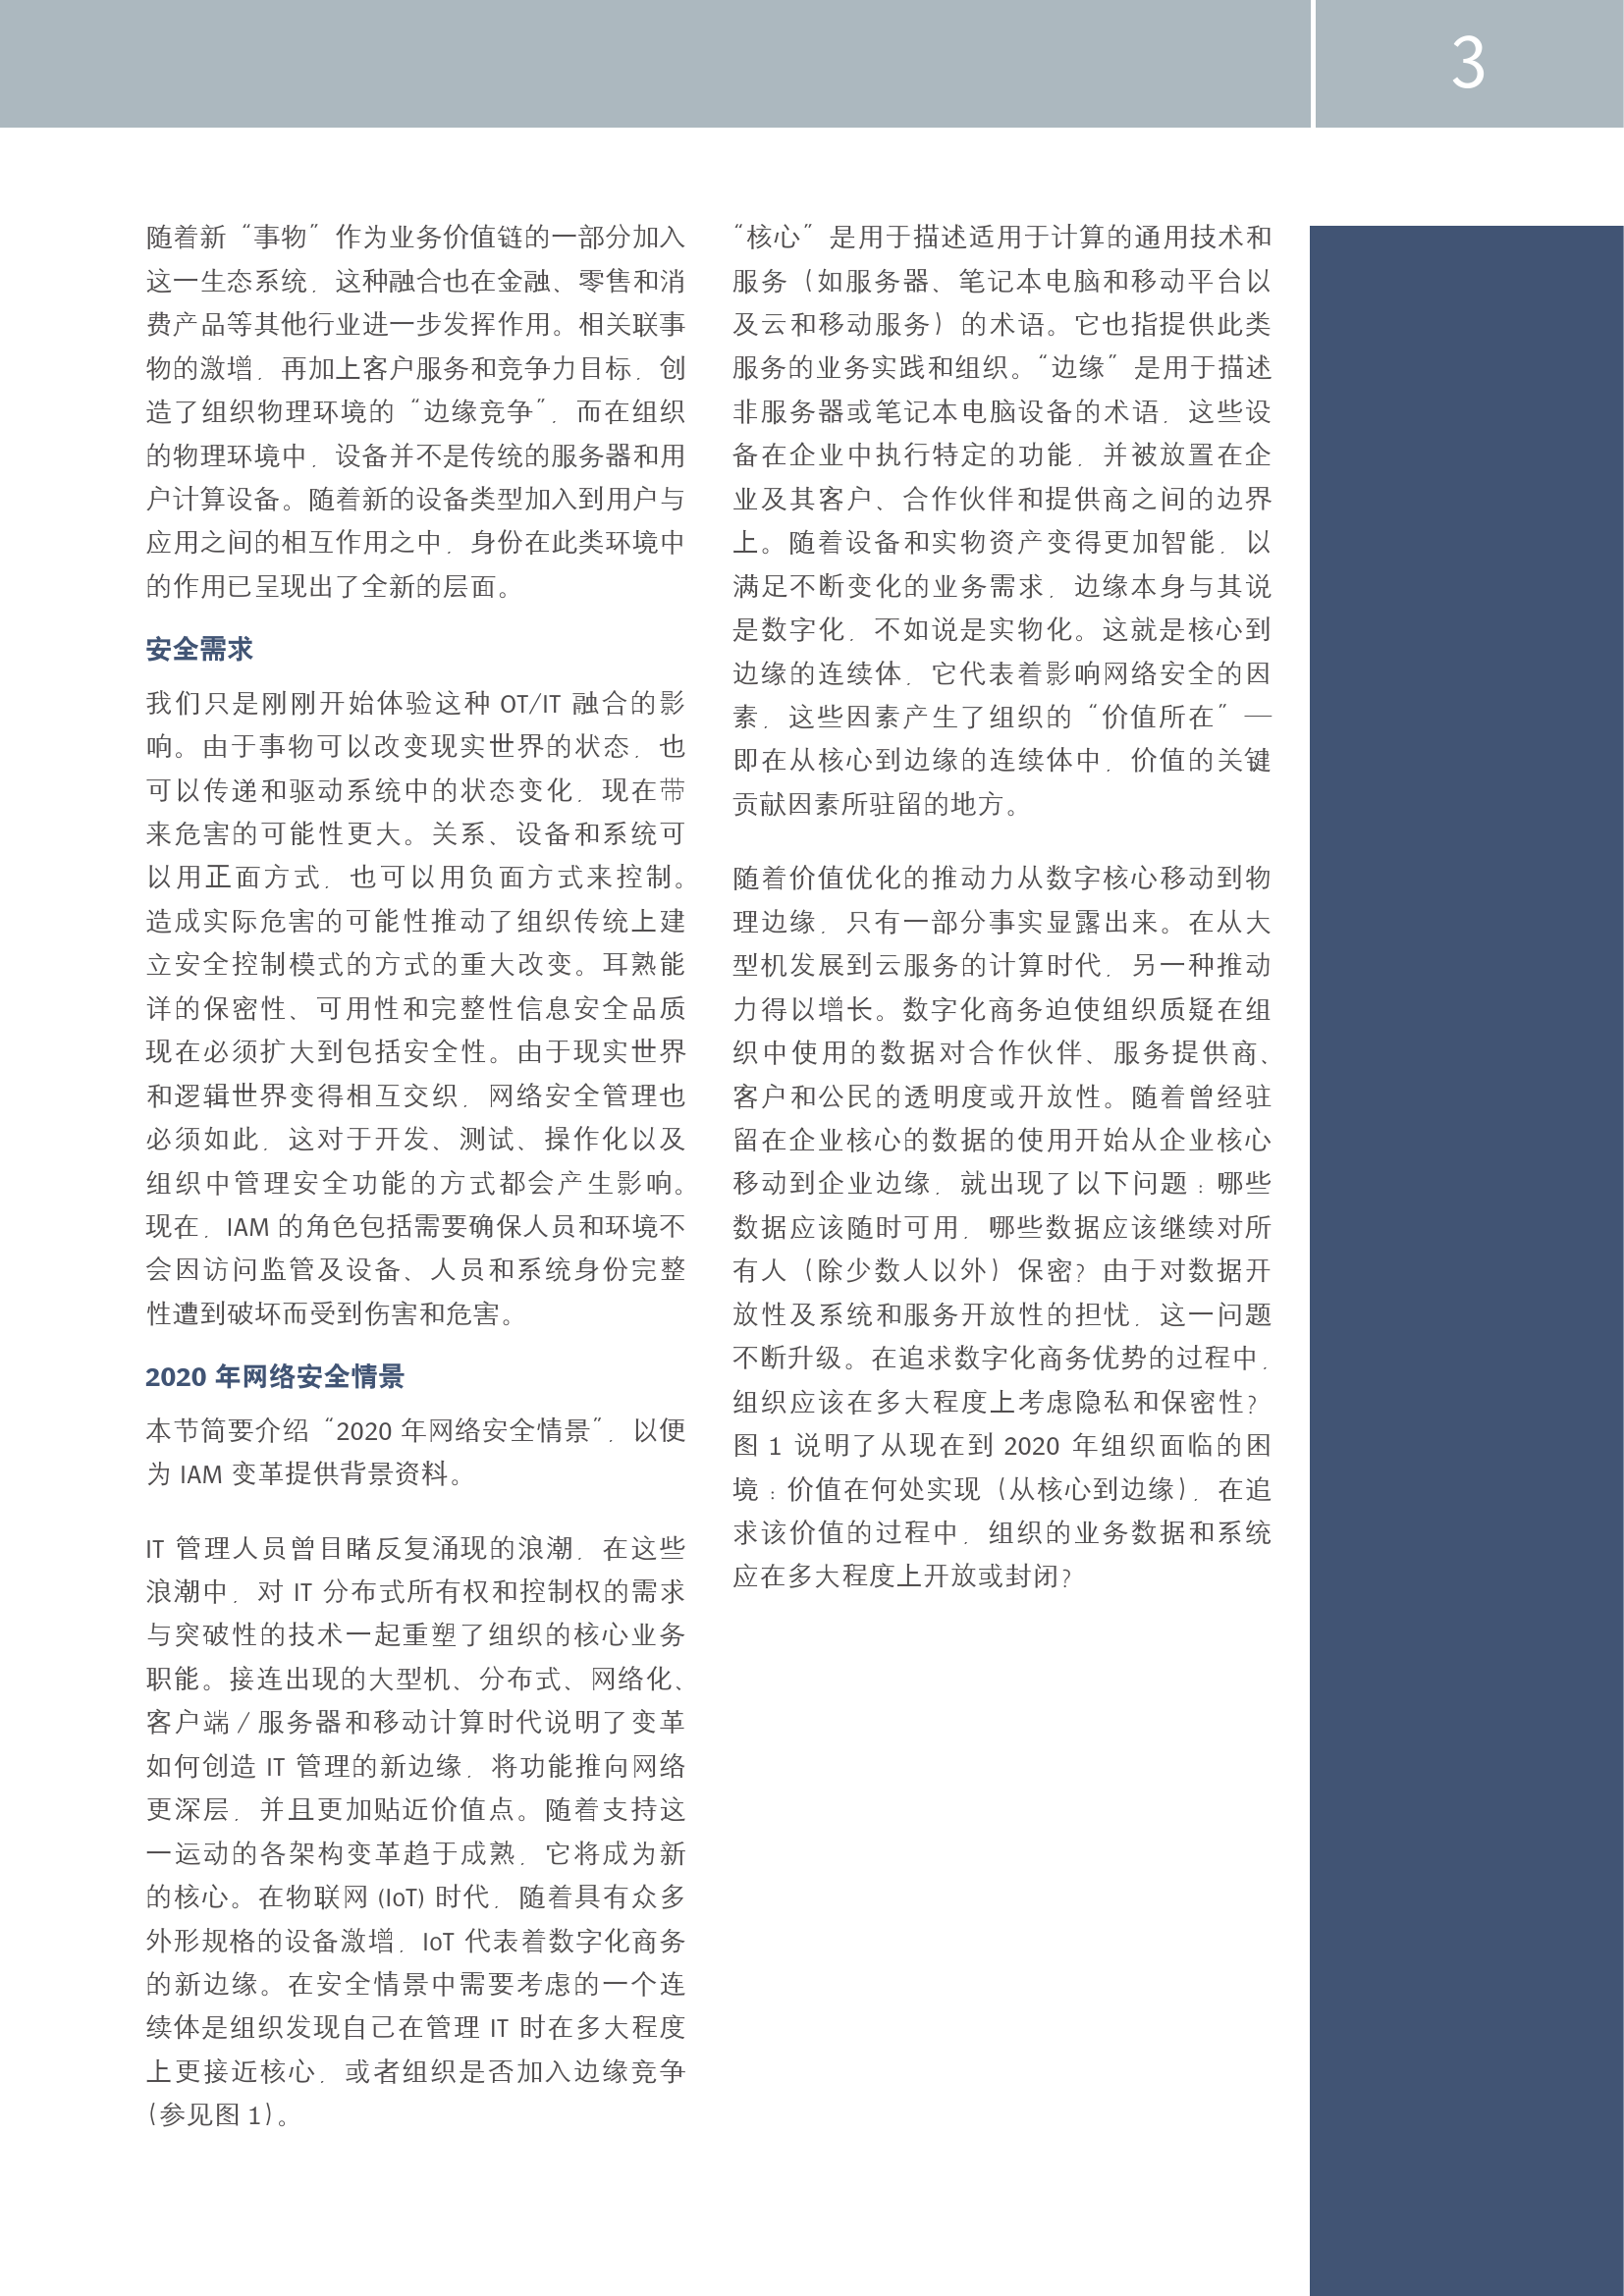 中国企业市场前瞻_000003